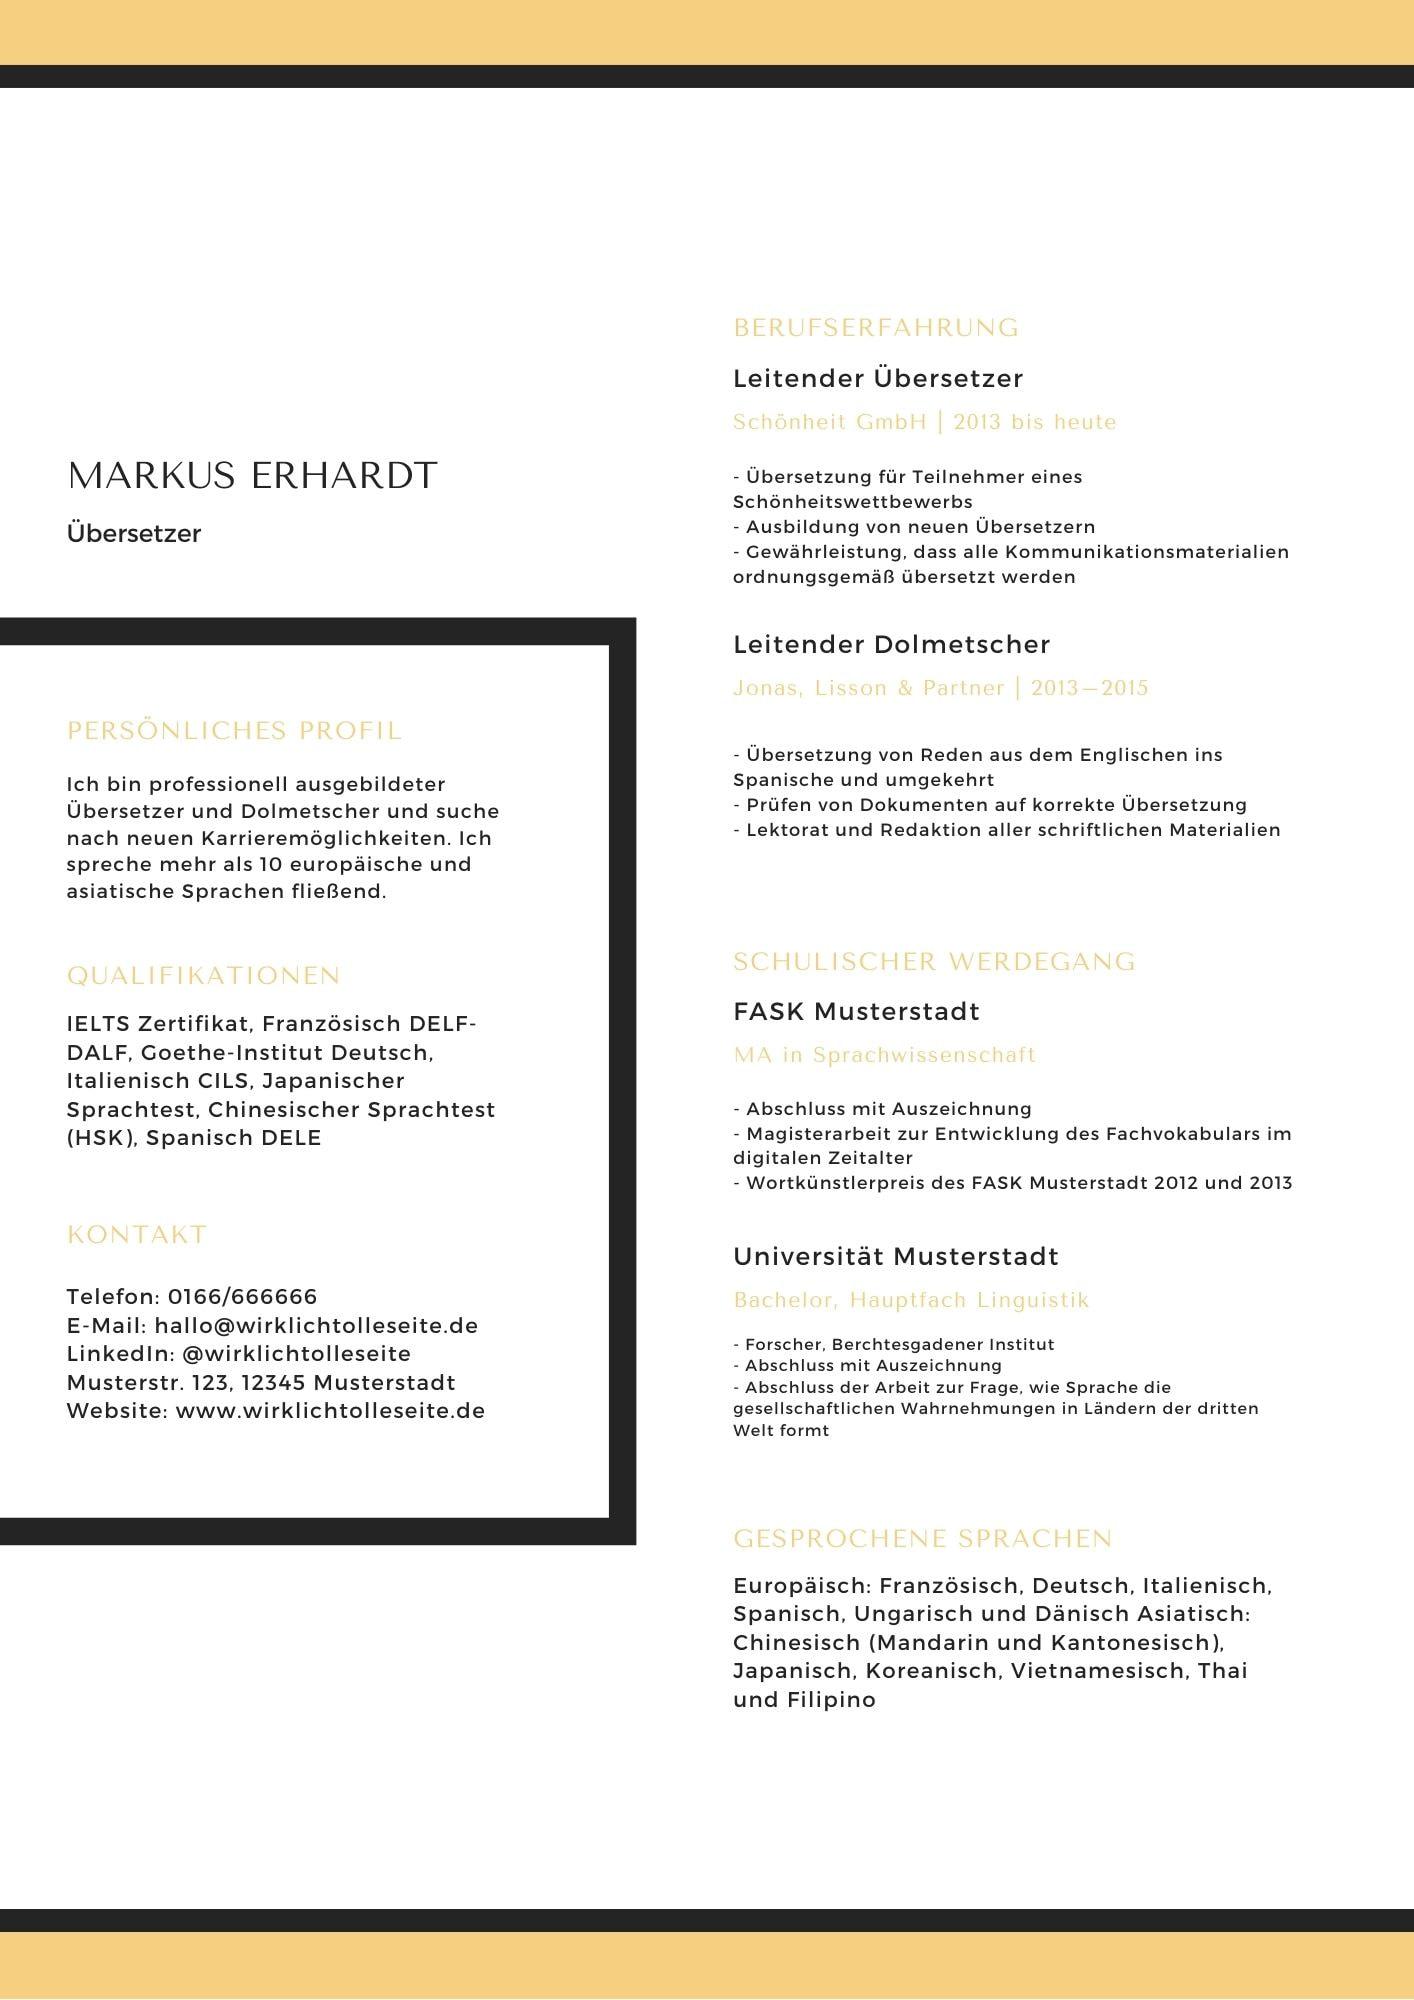 55 Kreative Und Moderne Lebenslauf Vorlagen